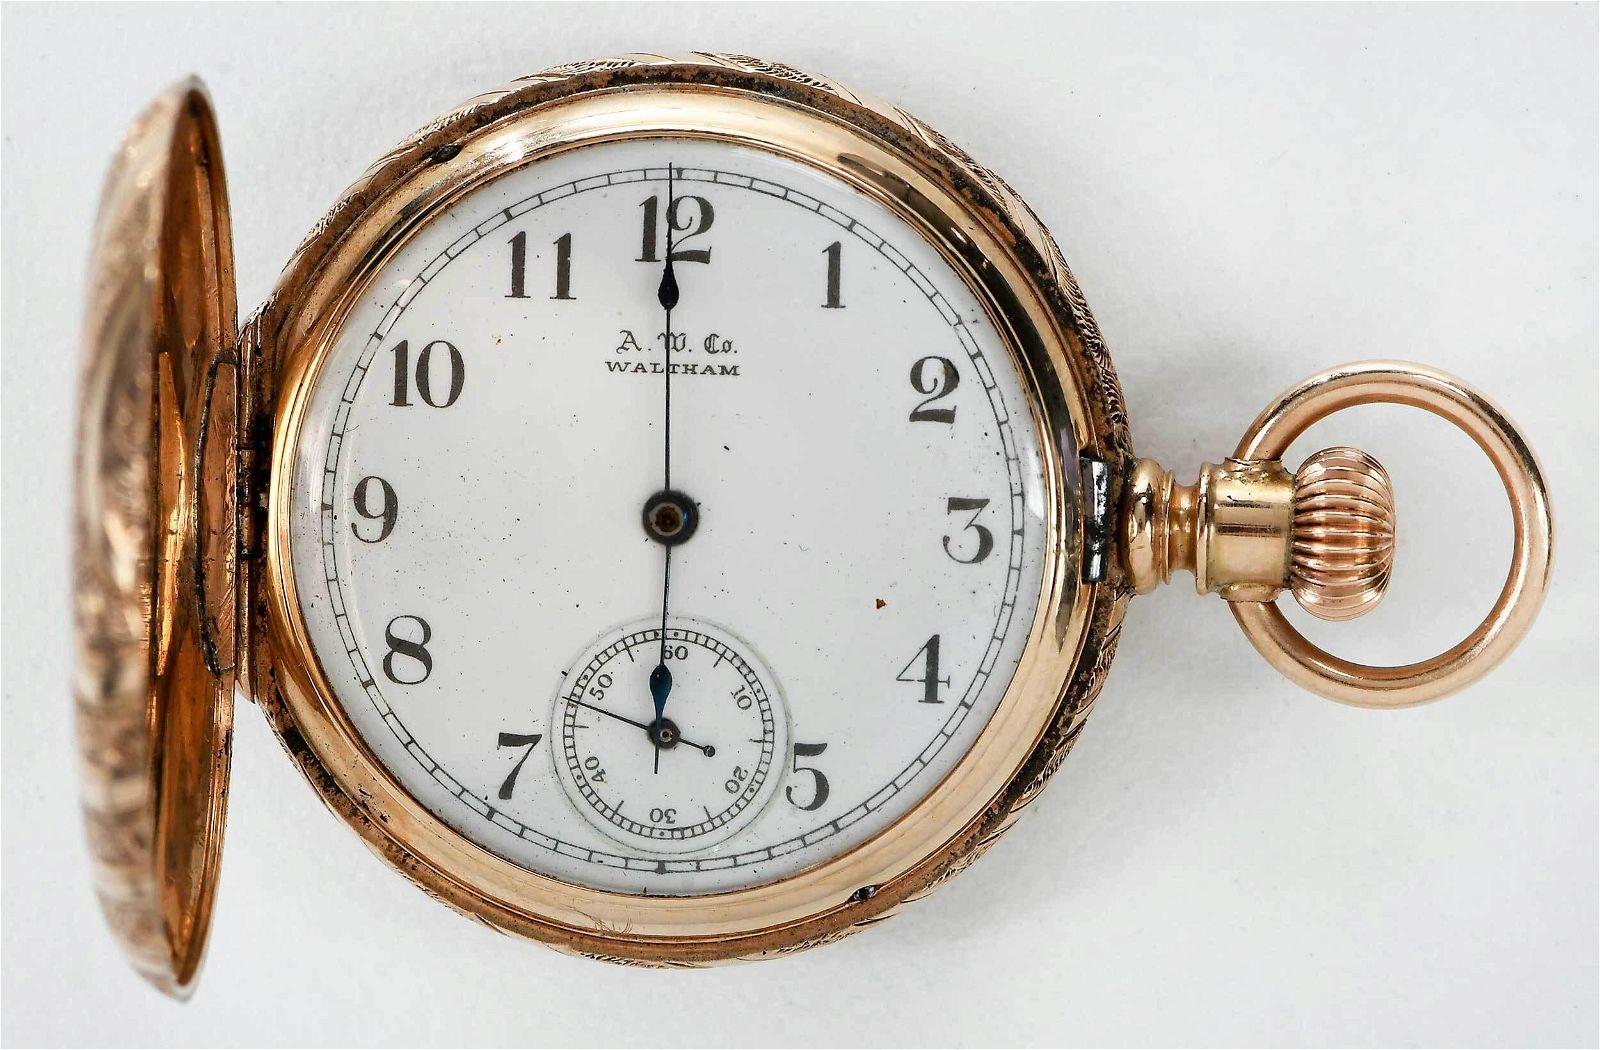 American Watch Co. 14kt. Pocket Watch